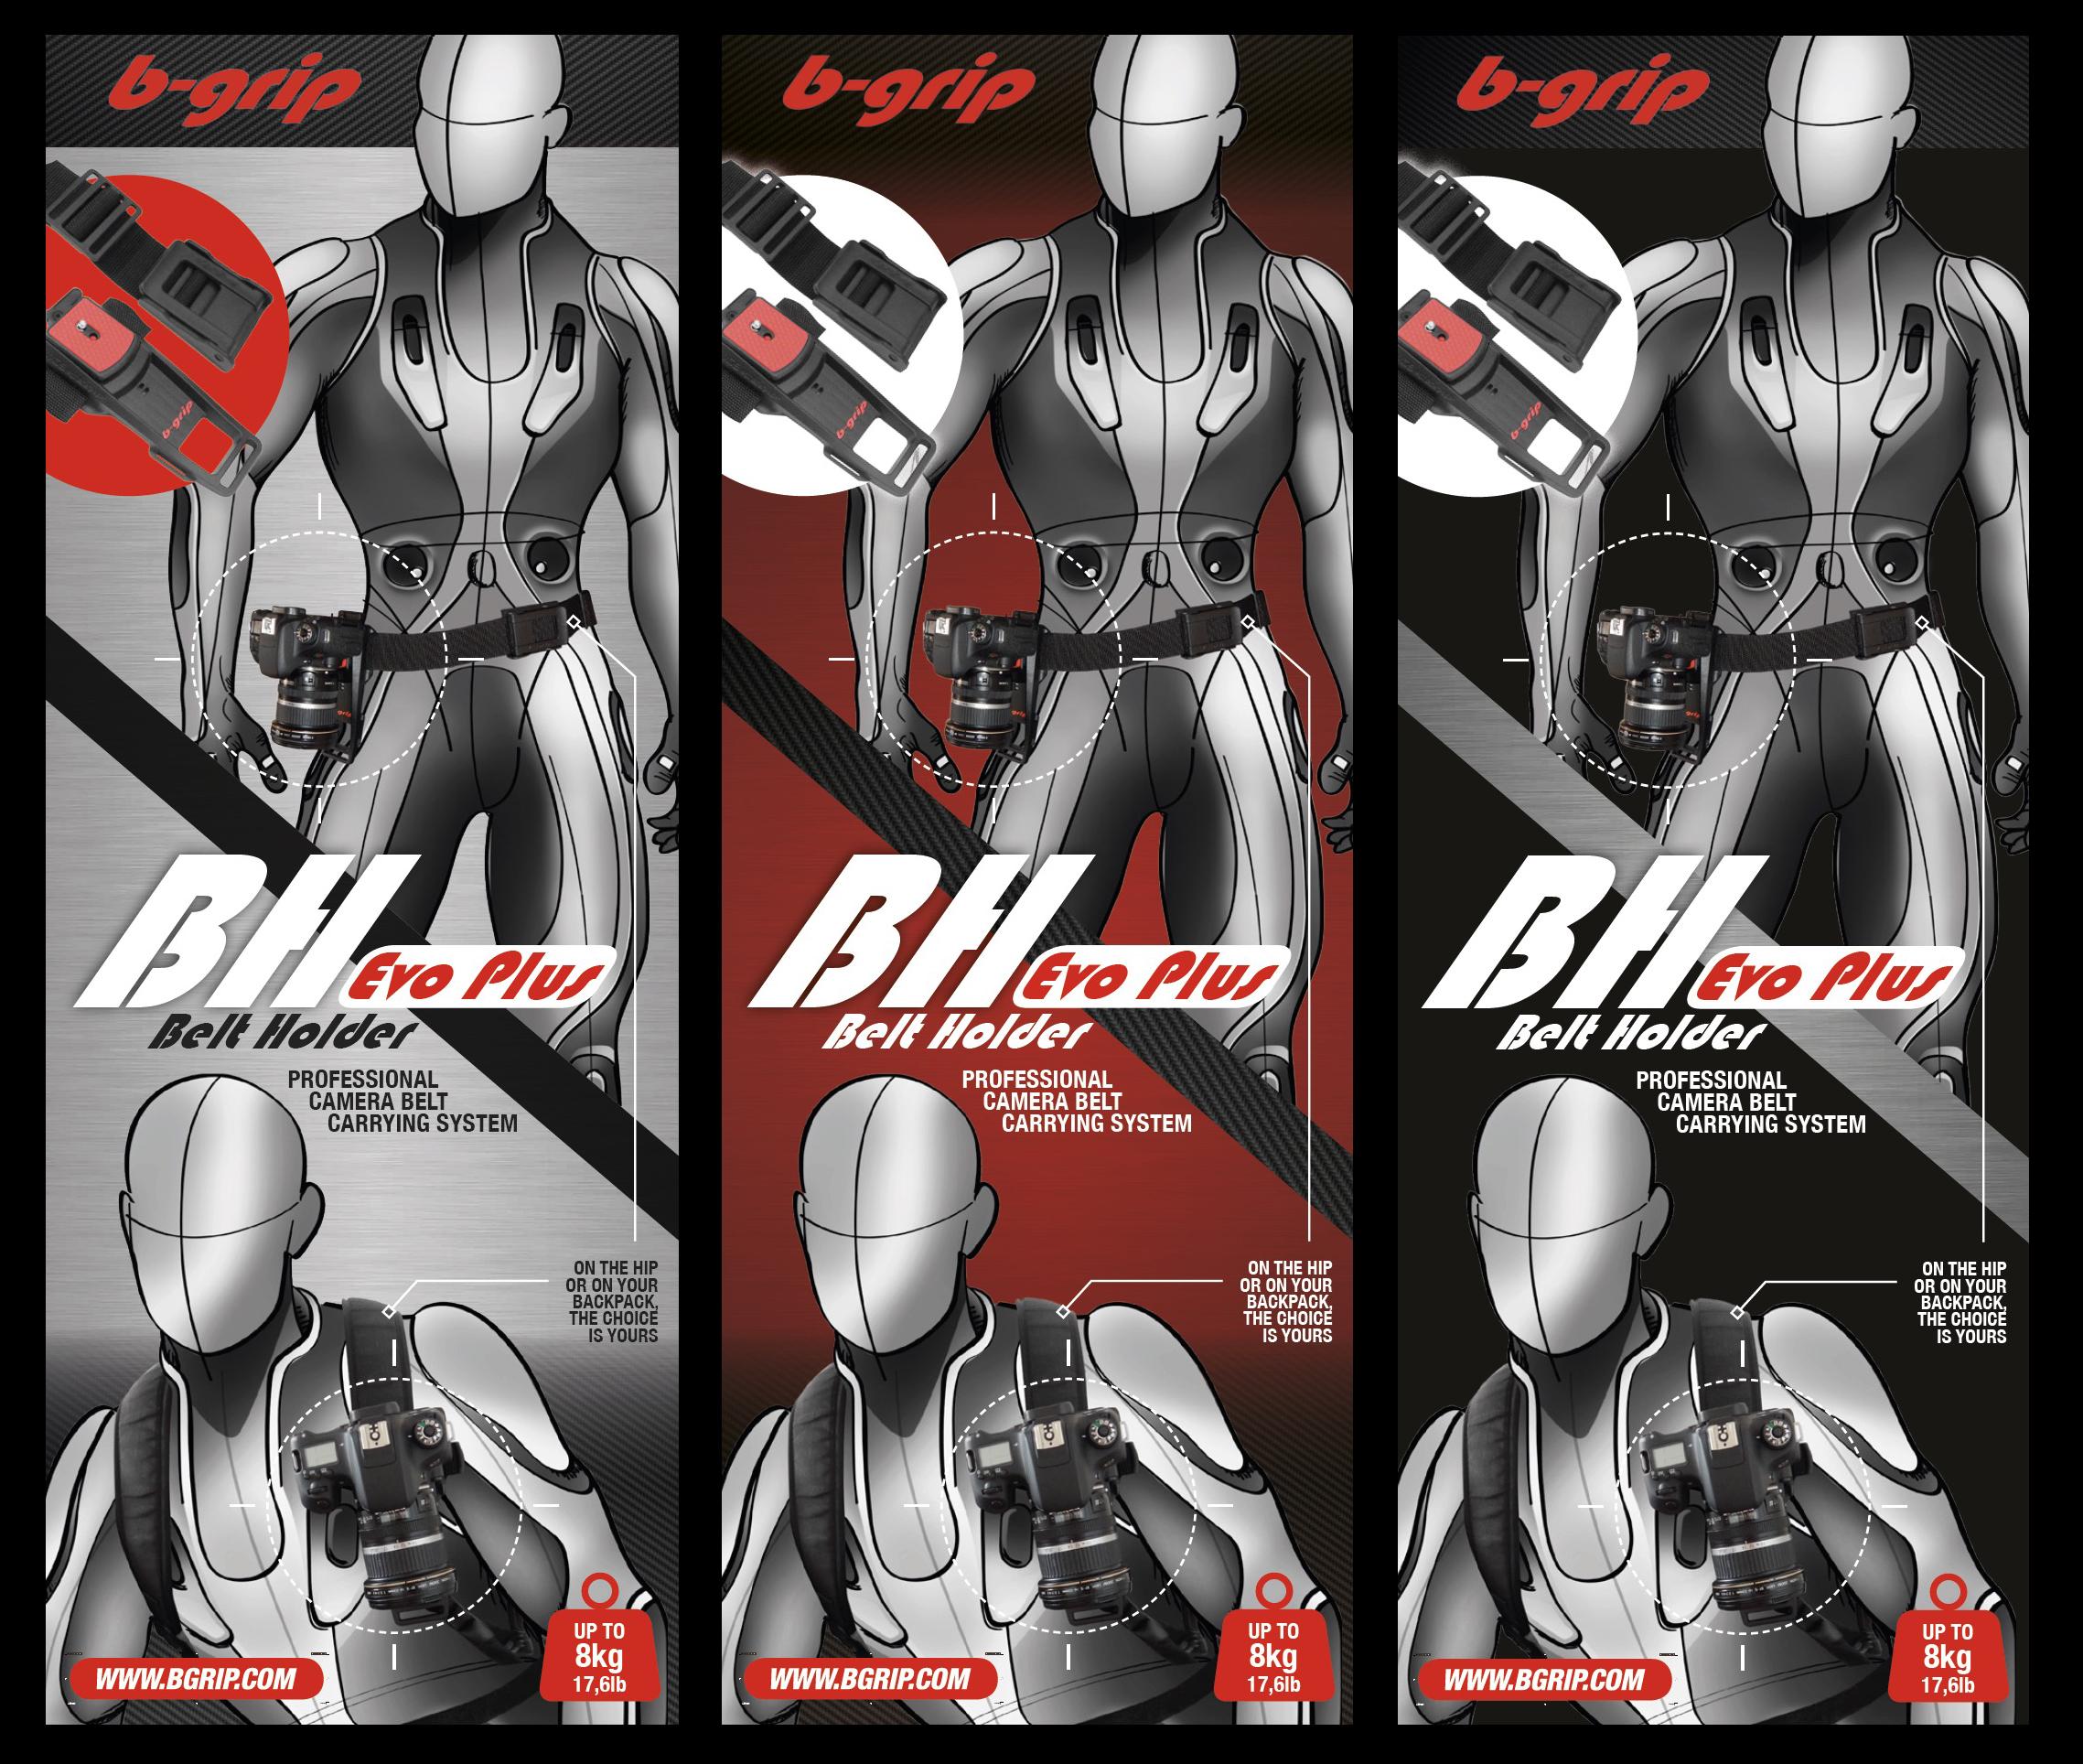 B-grip.jpg